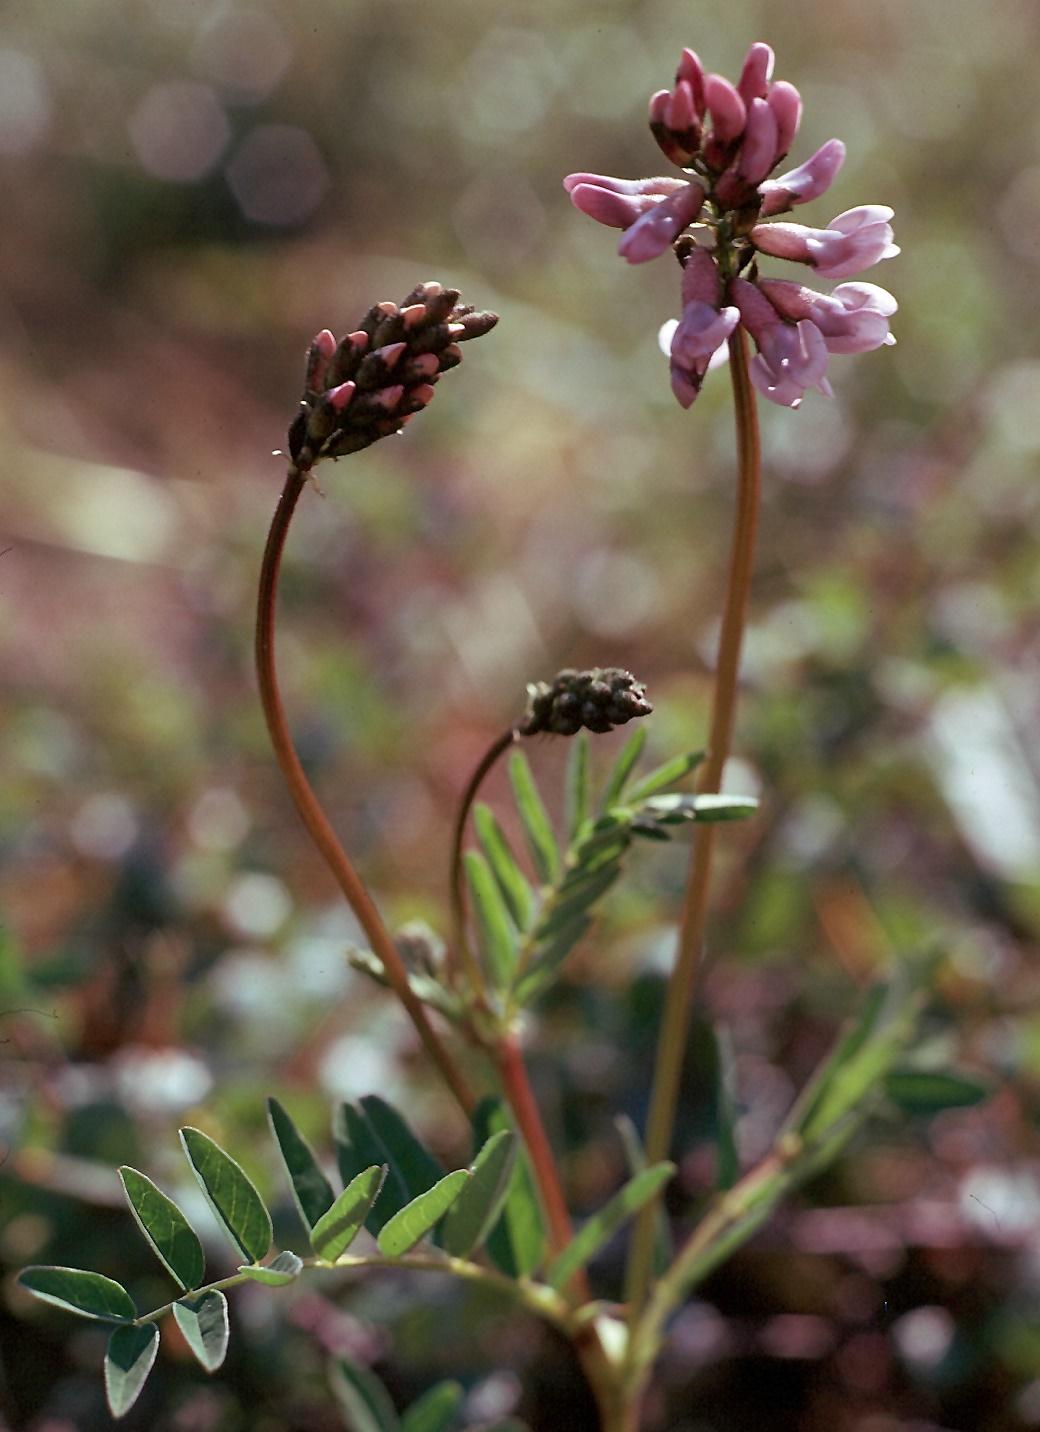 Astragalus norvegicus